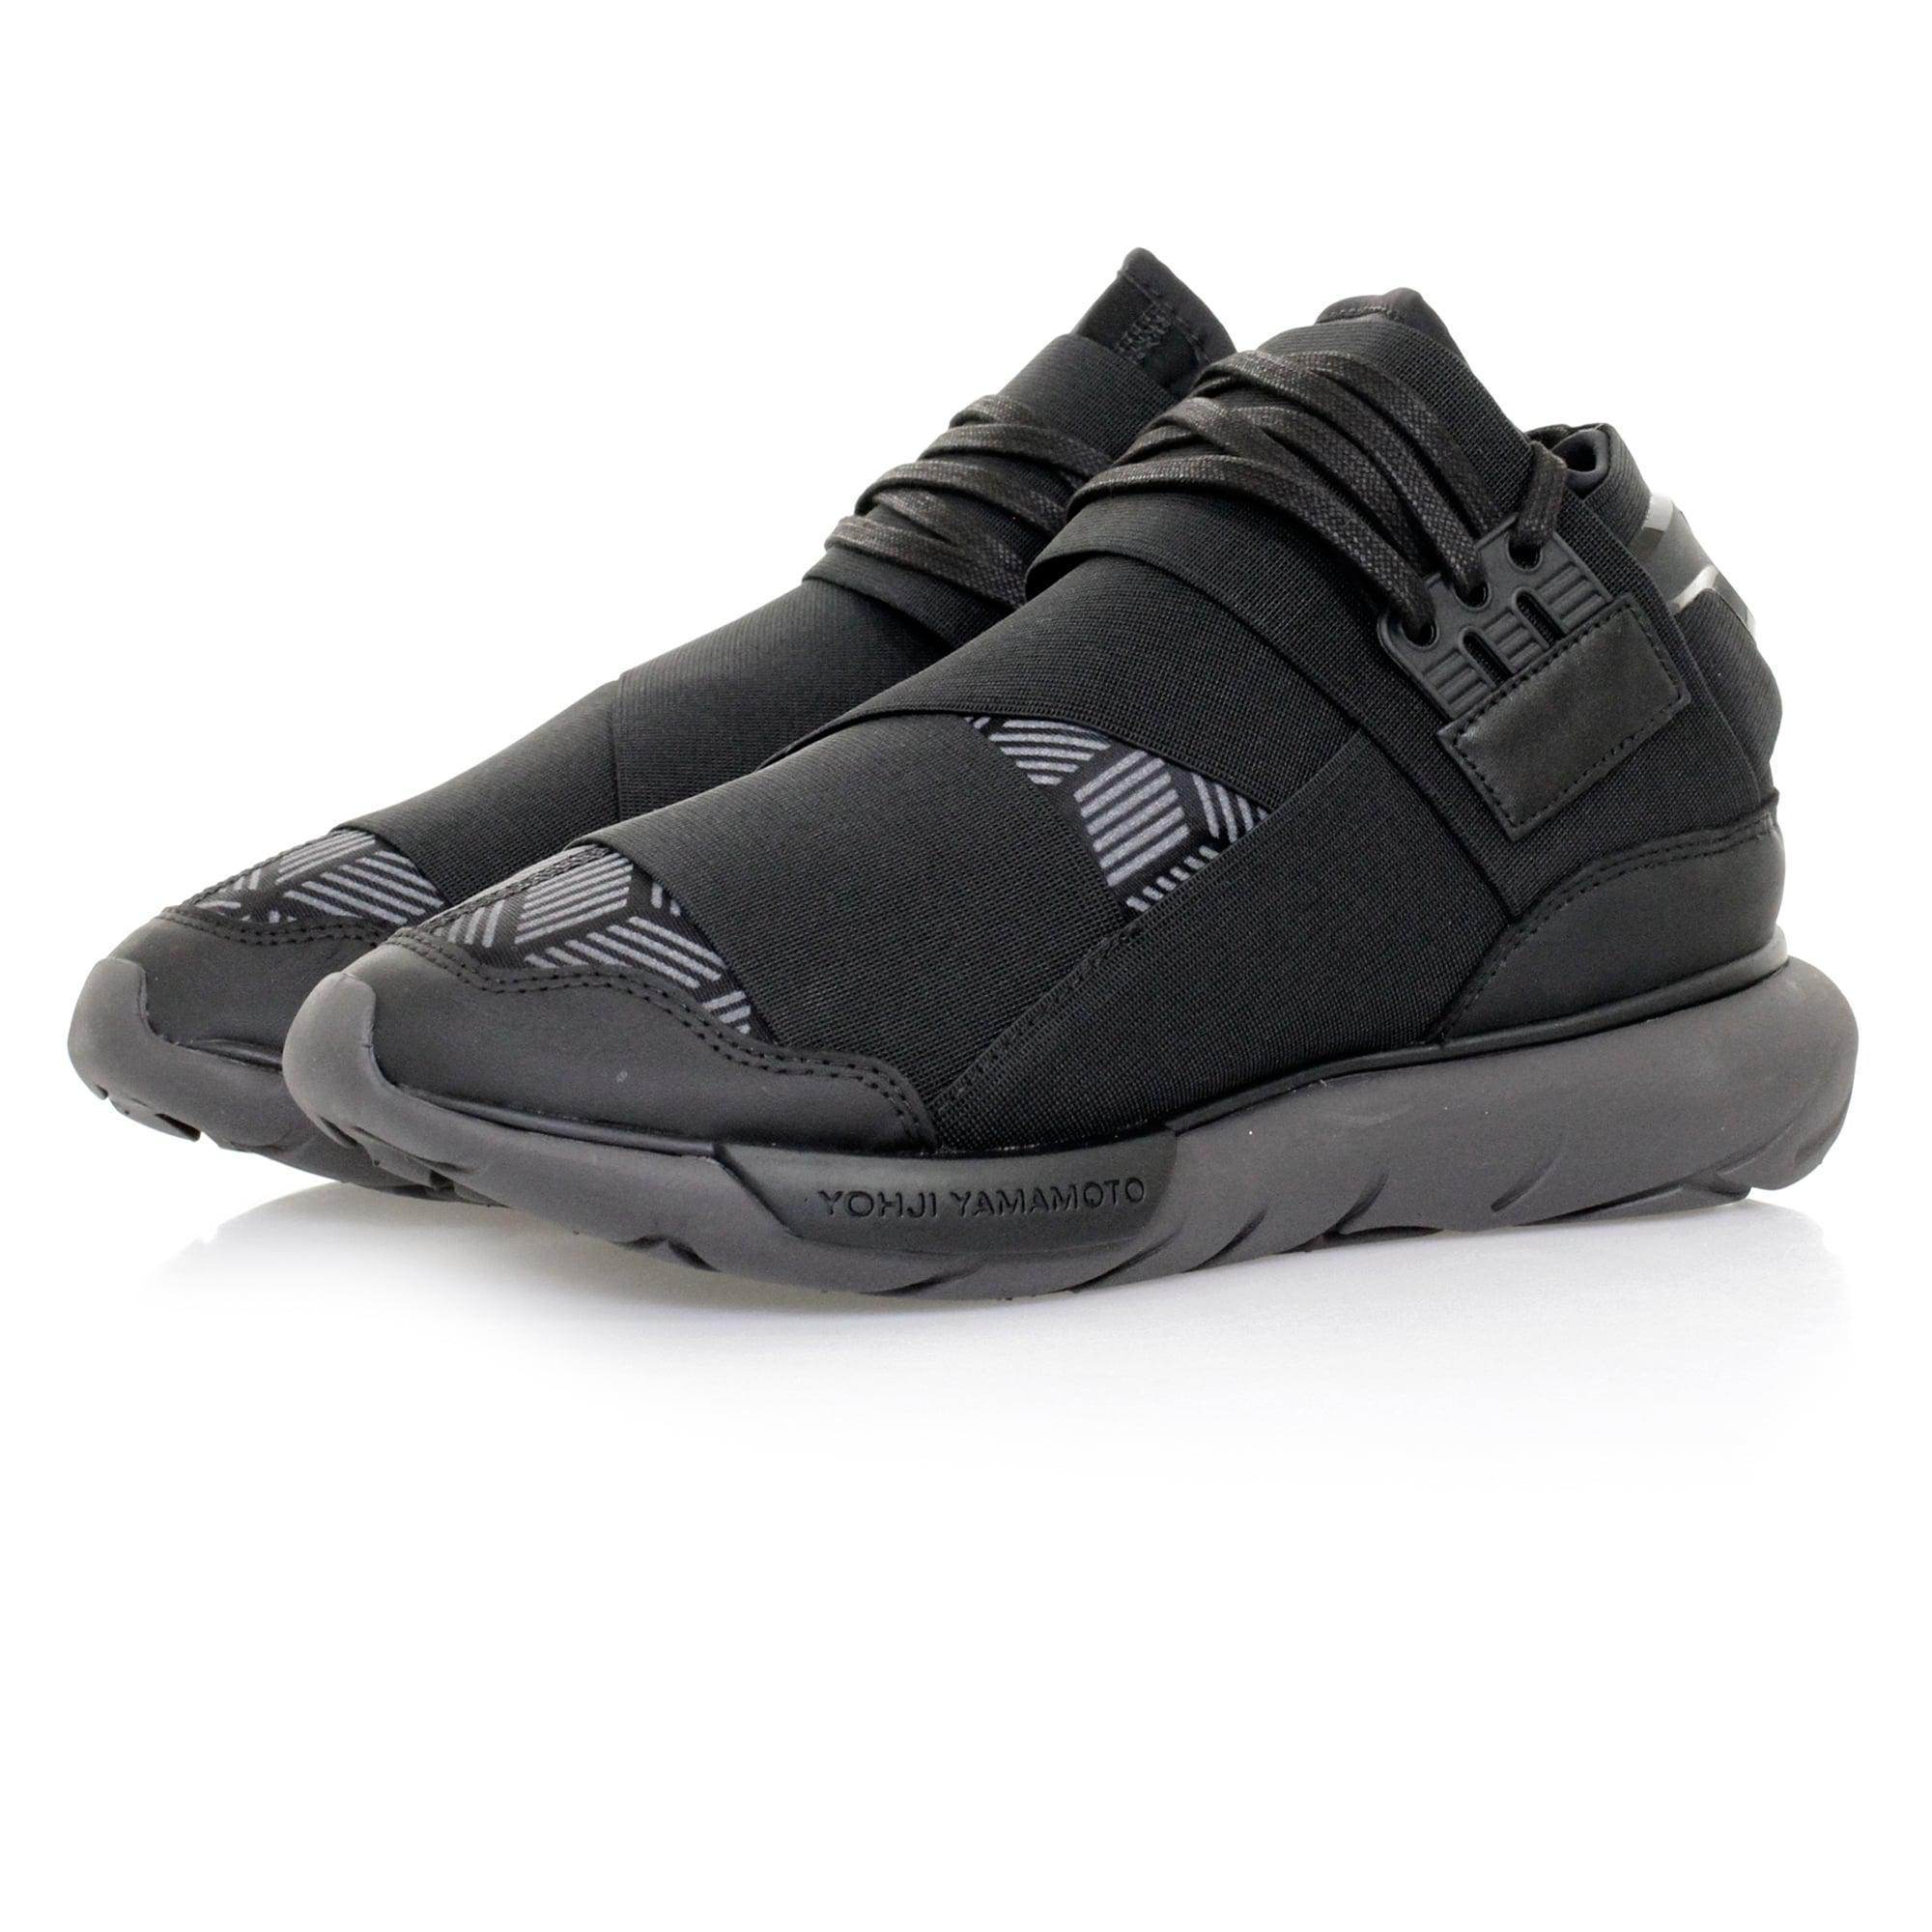 b9b129d4f8fc2 Lyst - Y-3 Qasa High Utility Black Shoe in Black for Men